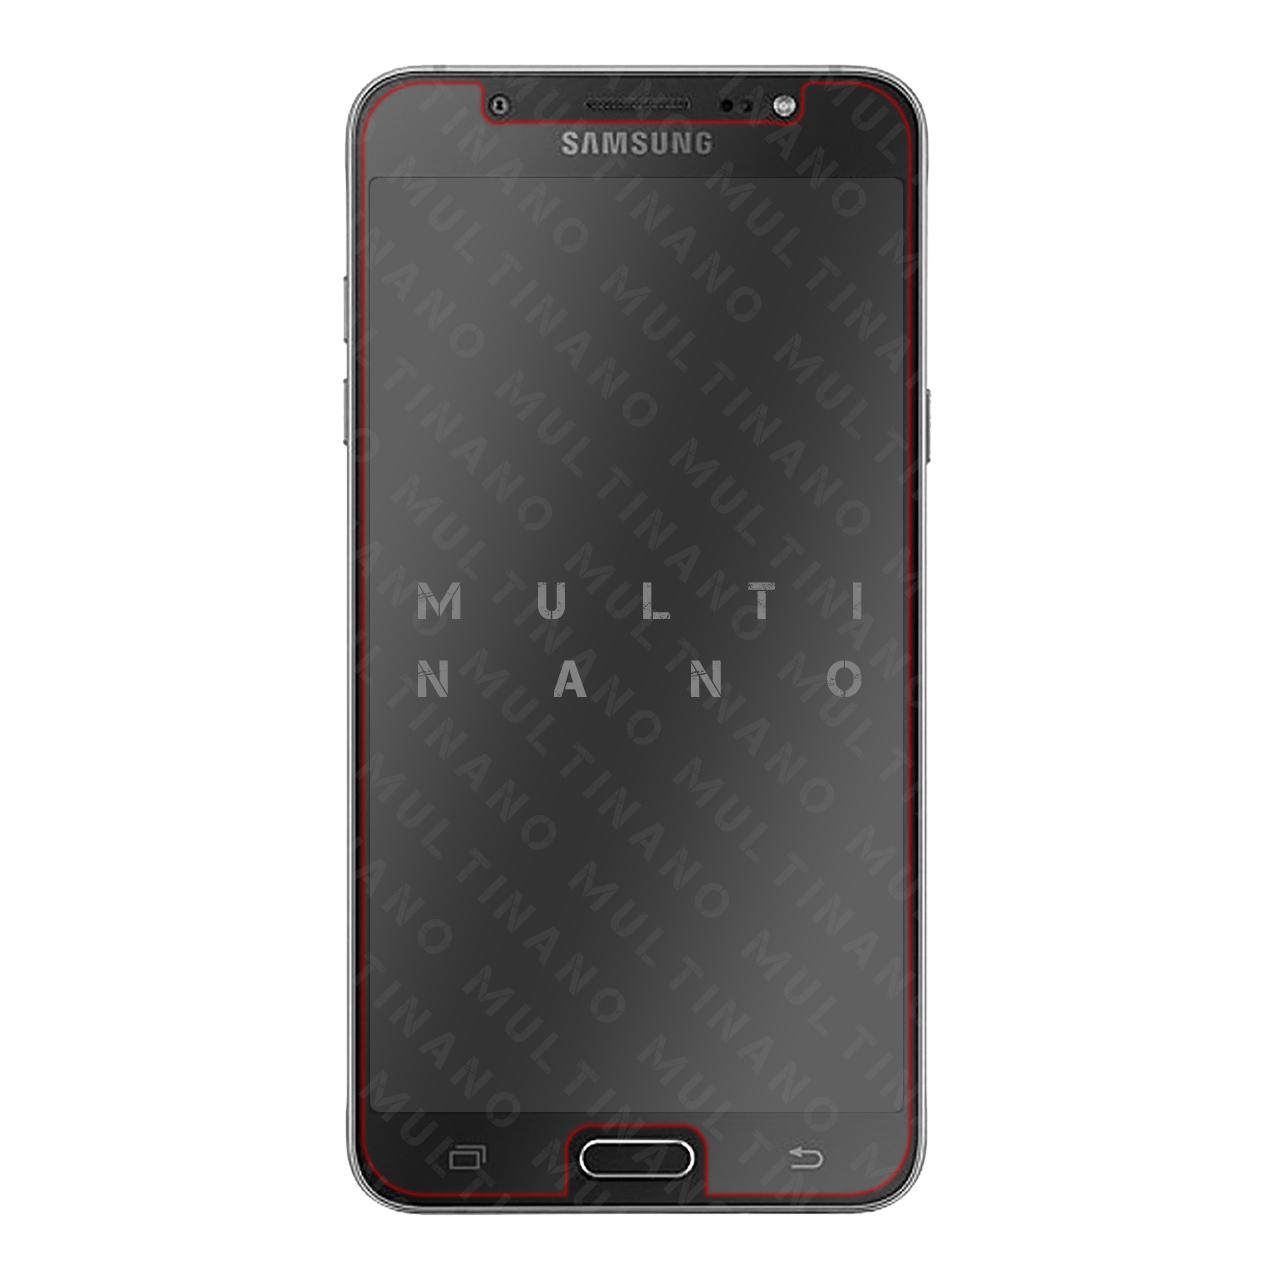 محافظ صفحه نمایش مولتی نانو مناسب برای گوشی موبایل سامسونگ گلکسی جی 510 / جی 5 2016